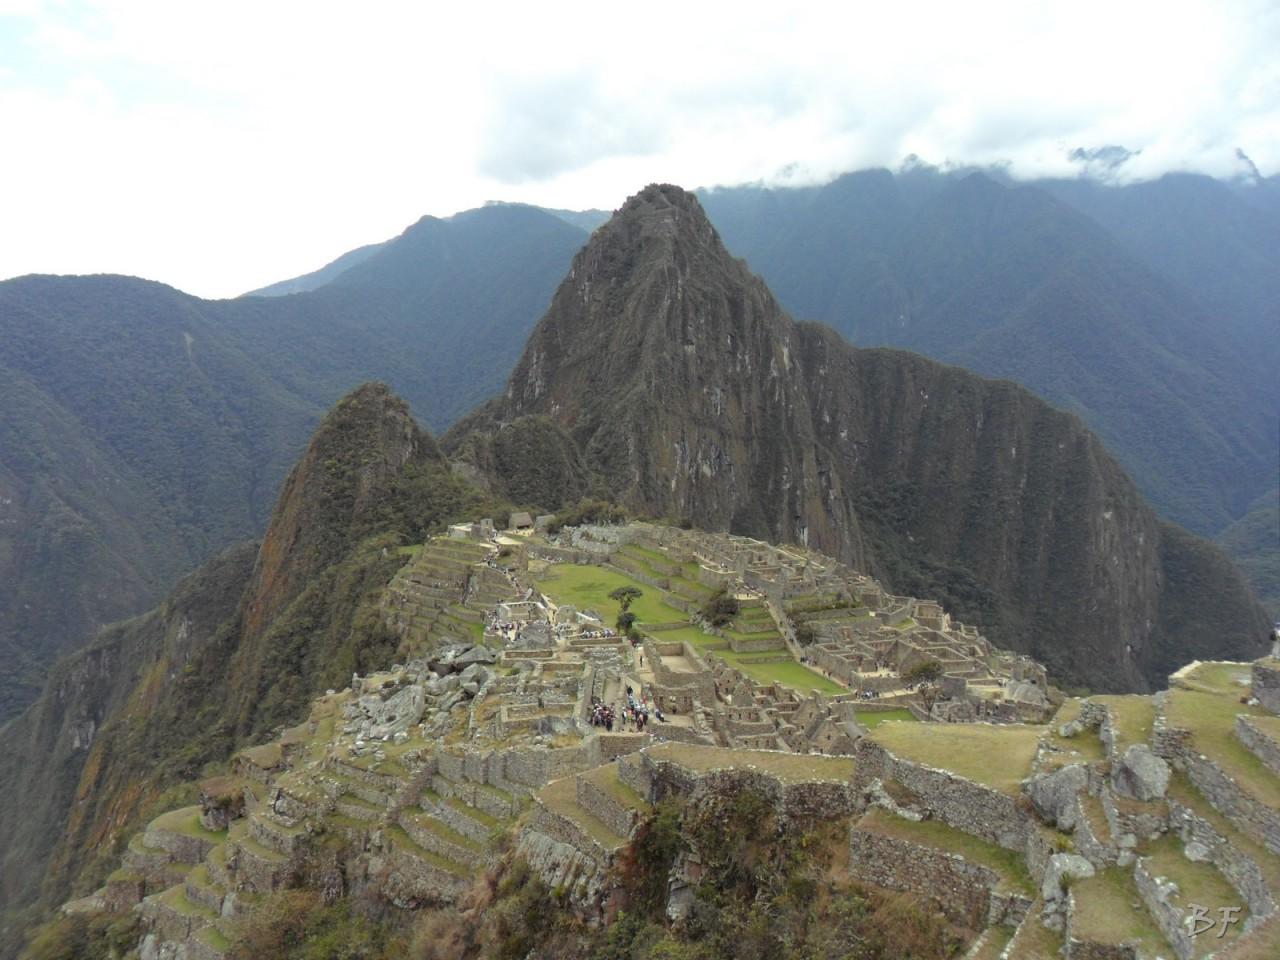 Mura-Poligonali-Incisioni-Altari-Edifici-Rupestri-Megaliti-Machu-Picchu-Aguas-Calientes-Urubamba-Cusco-Perù-70